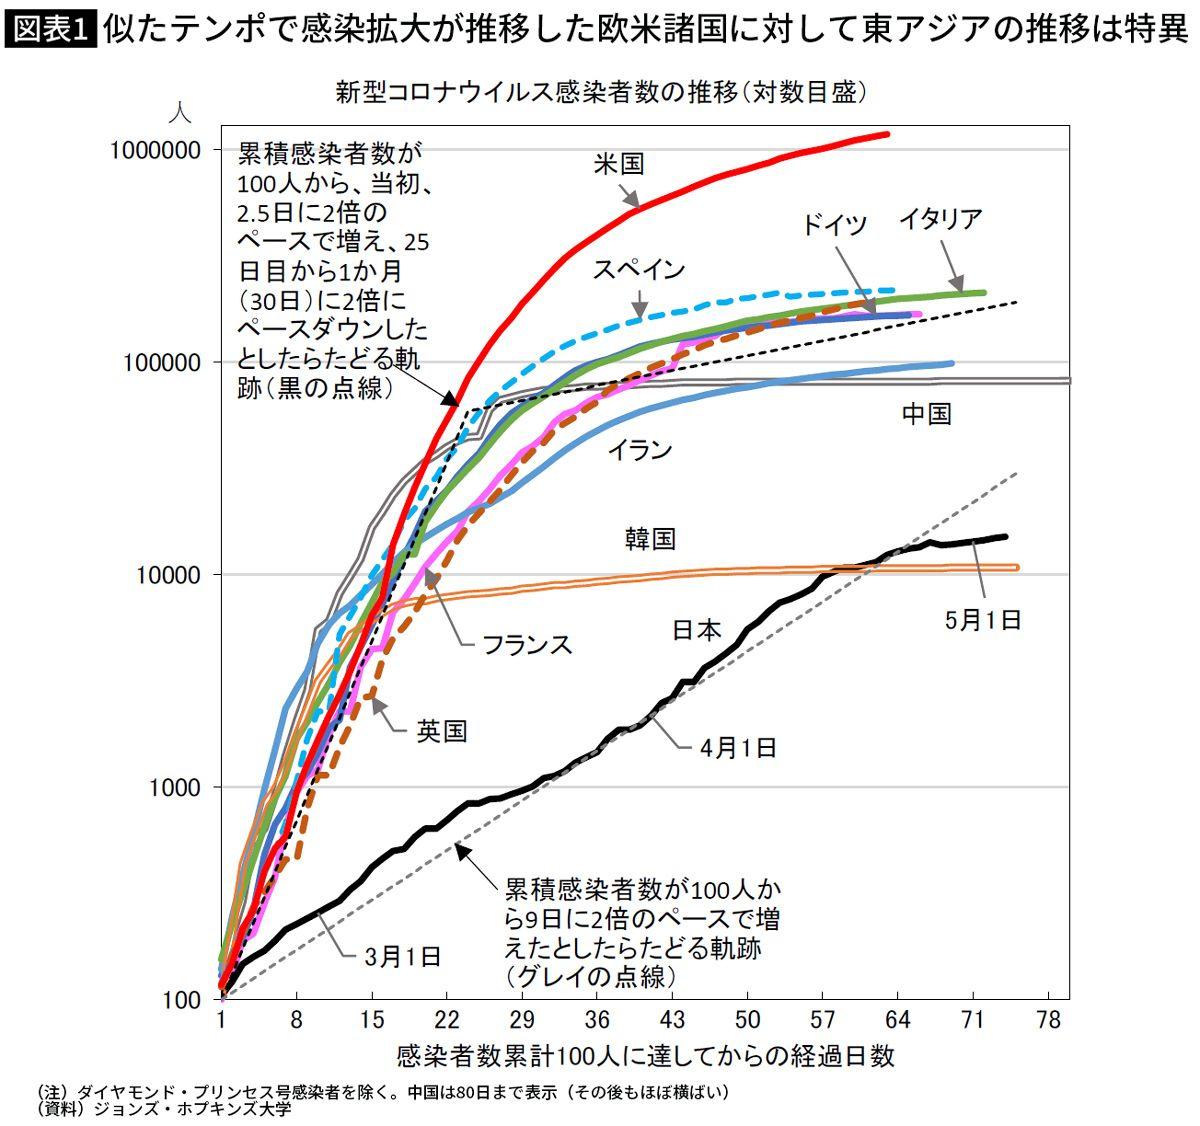 日本だけ「コロナ感染のグラフがおかしい」理由は…